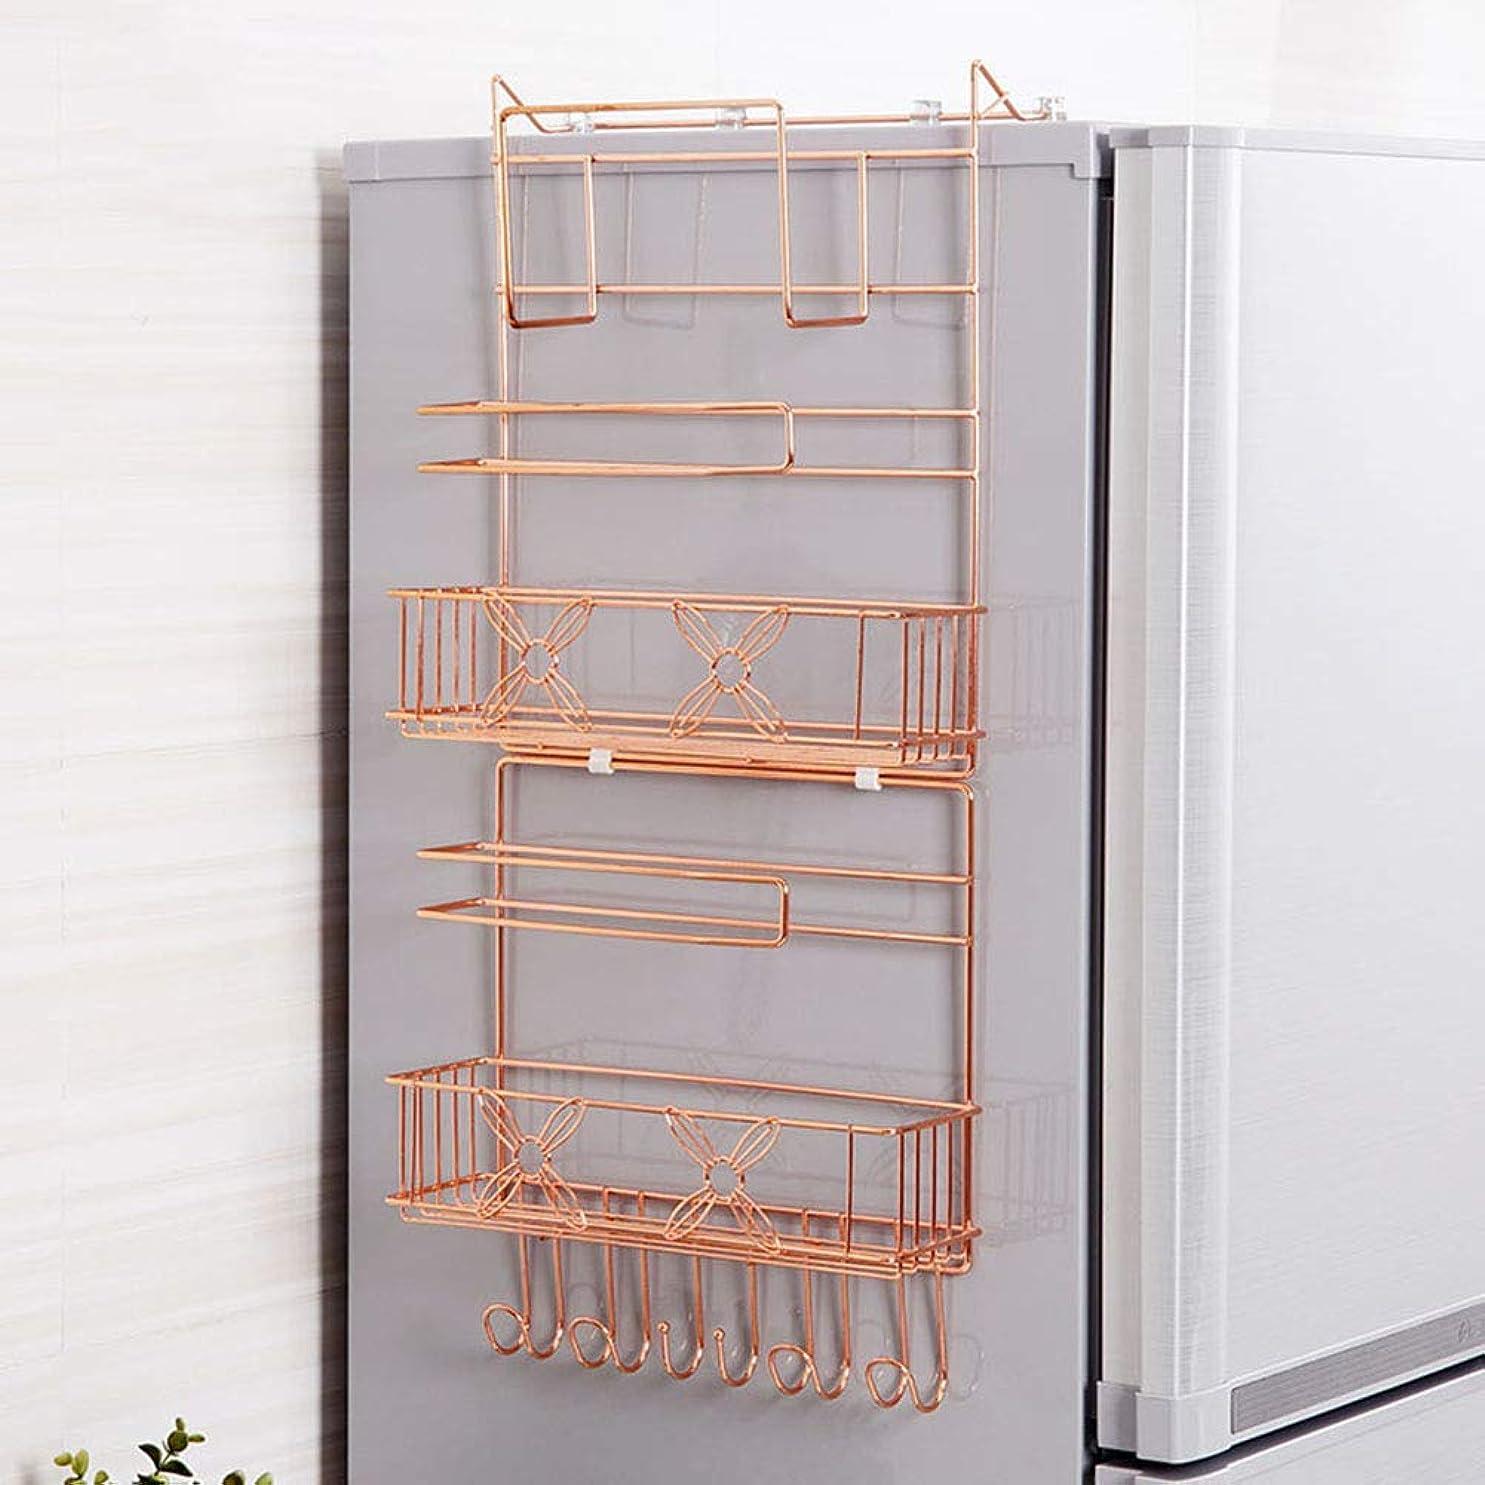 ソケット比類のない恐ろしい多層収納ラックキッチンラック丈夫で丈夫な多機能オーガナイザー冷蔵庫サイドスパイス収納収納ボックス省スペース